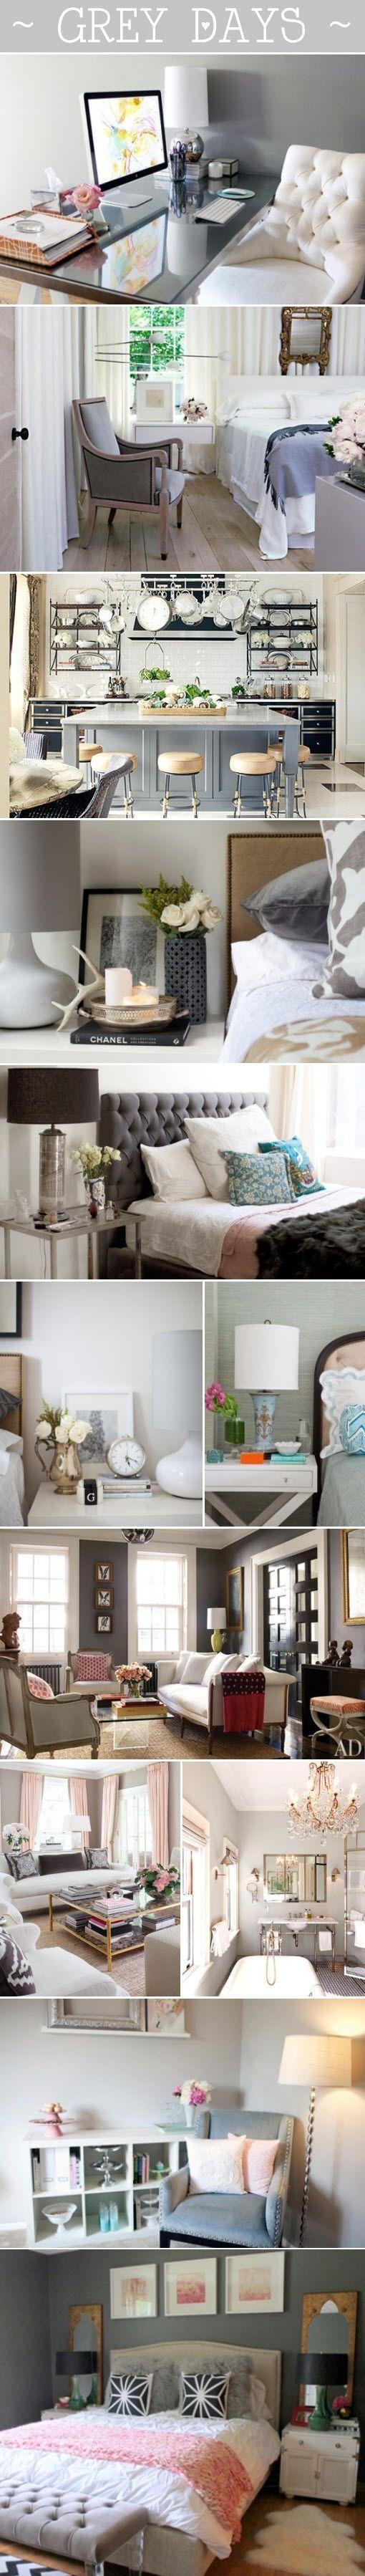 cute pet: crafts diy crafts for home decor - country living   diy ... - Casa Diy Arredamento Pinterest